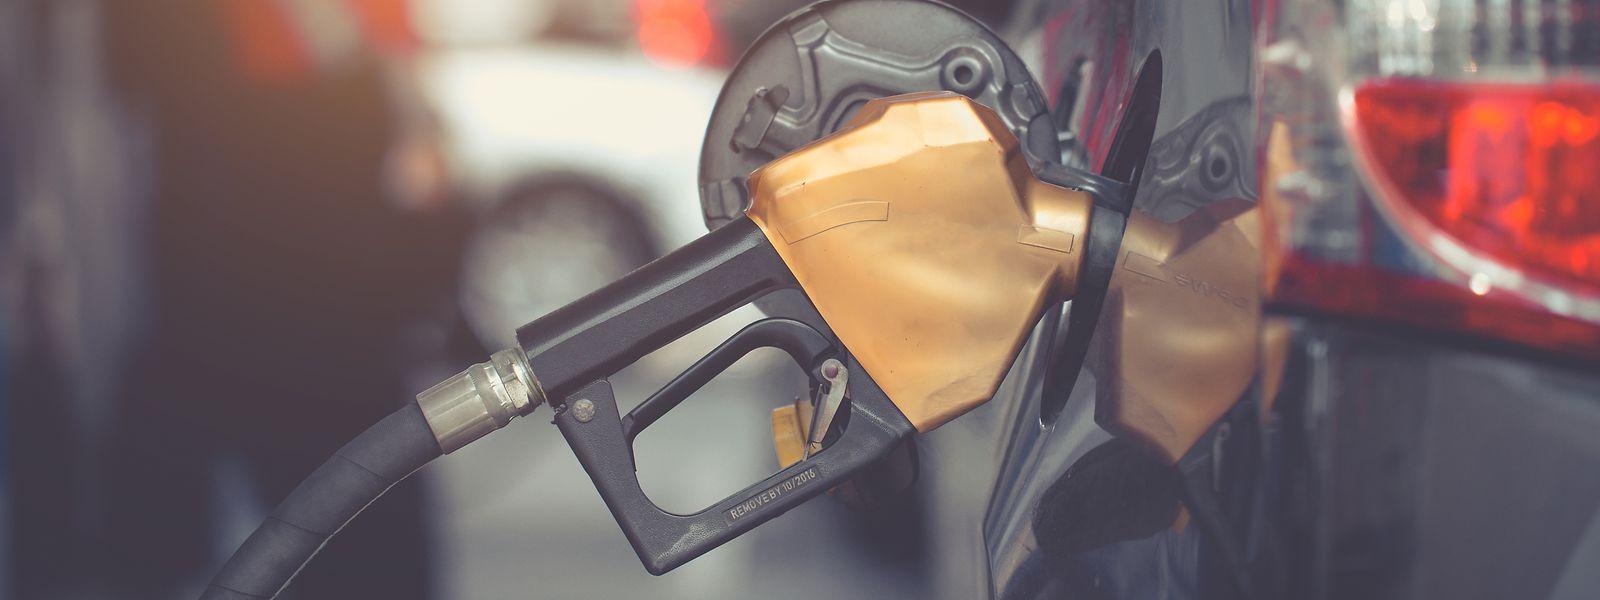 Au Luxembourg, les moteurs essence et diesel représentaient encore 80% des ventes de véhicules neufs.